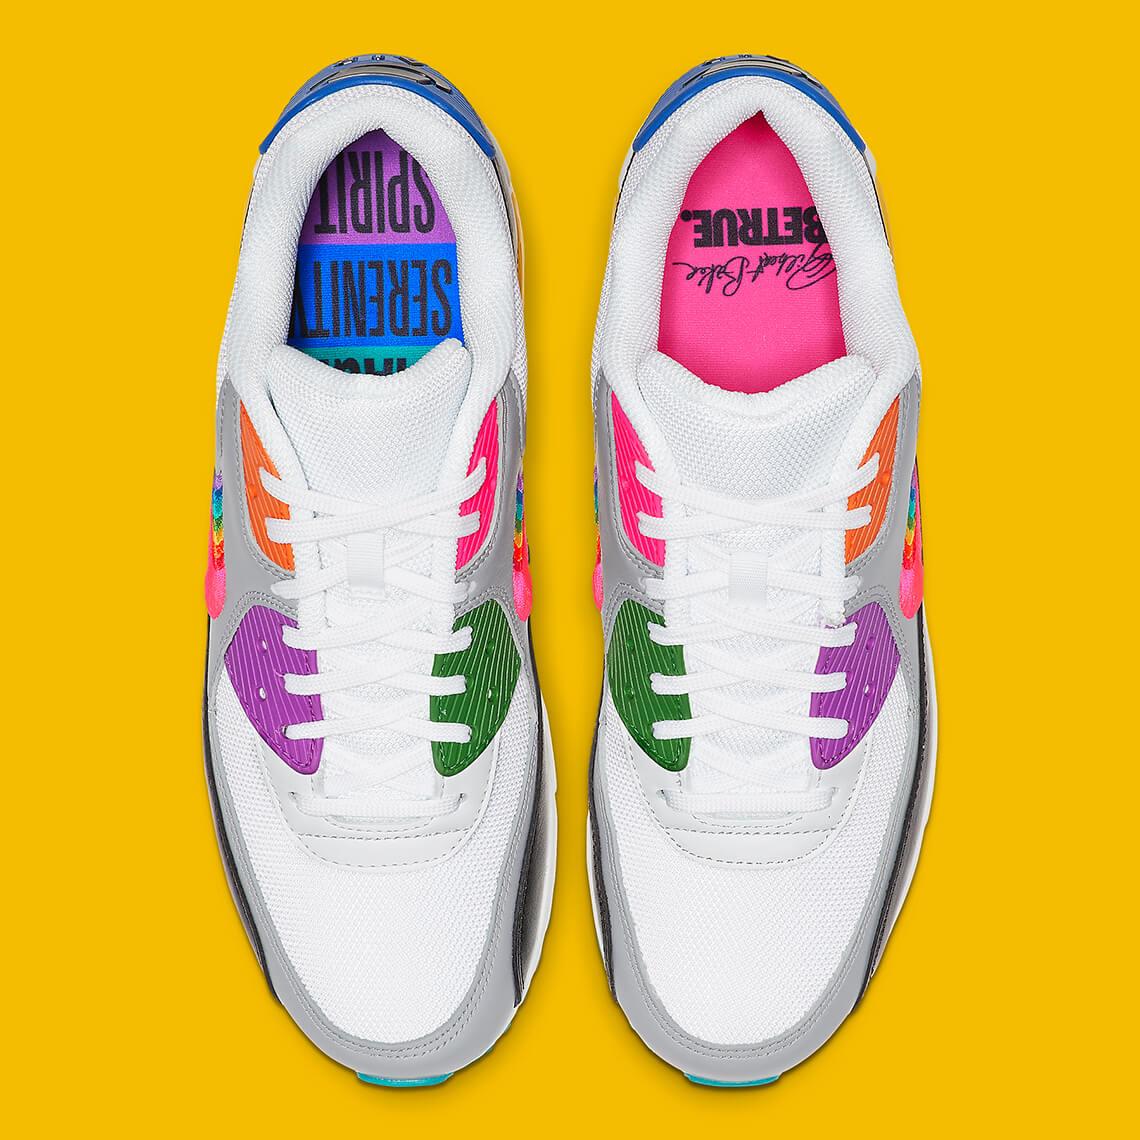 Nike Air Max 90 'Be True' Kollektion   Sneakerjagers